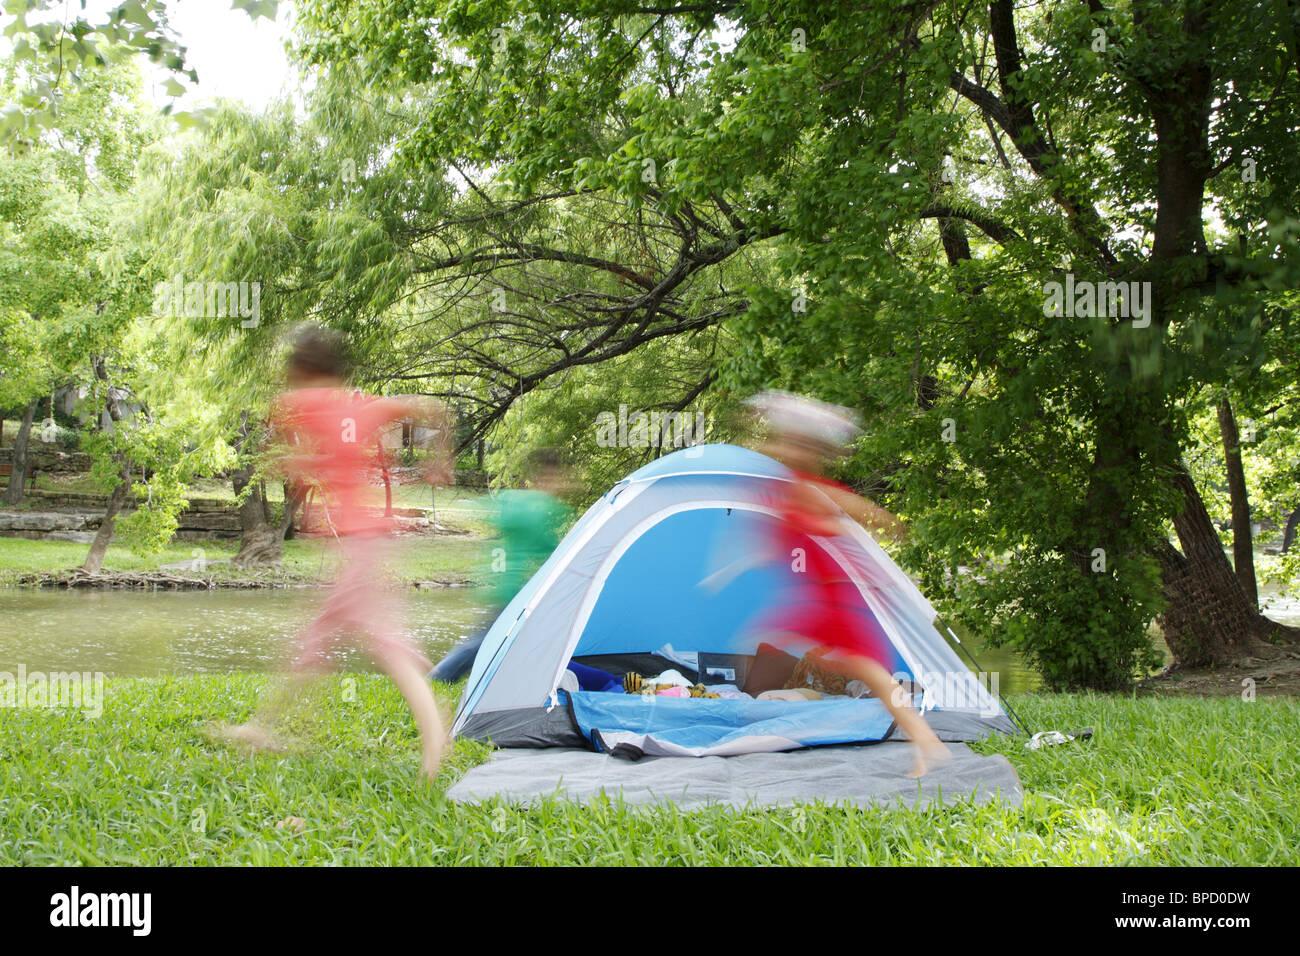 Kinder jagen einander um ein Zelt beim camping Stockfoto